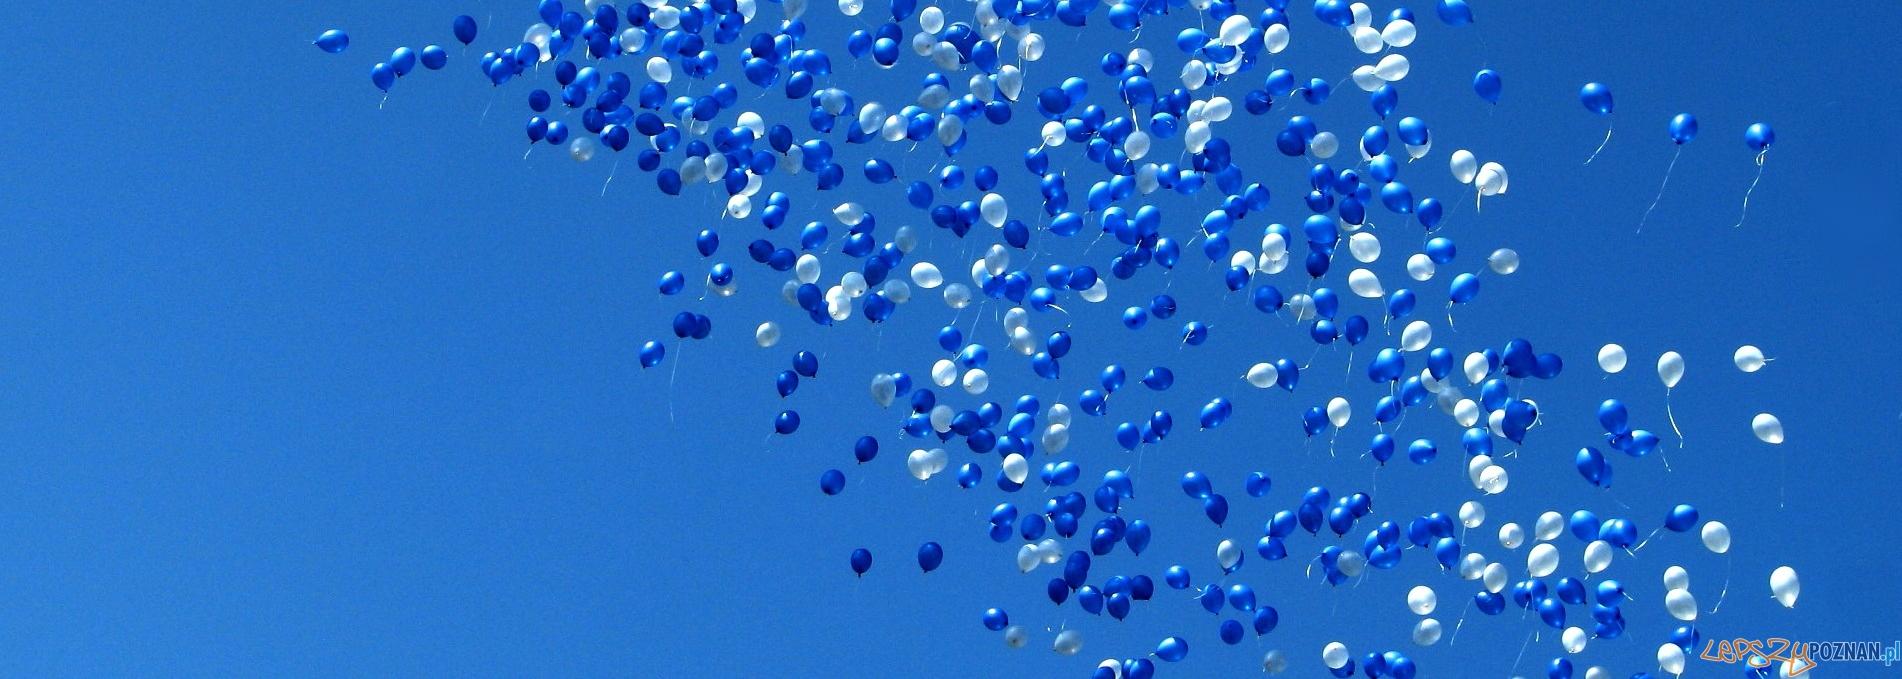 Balony  Foto: sxc